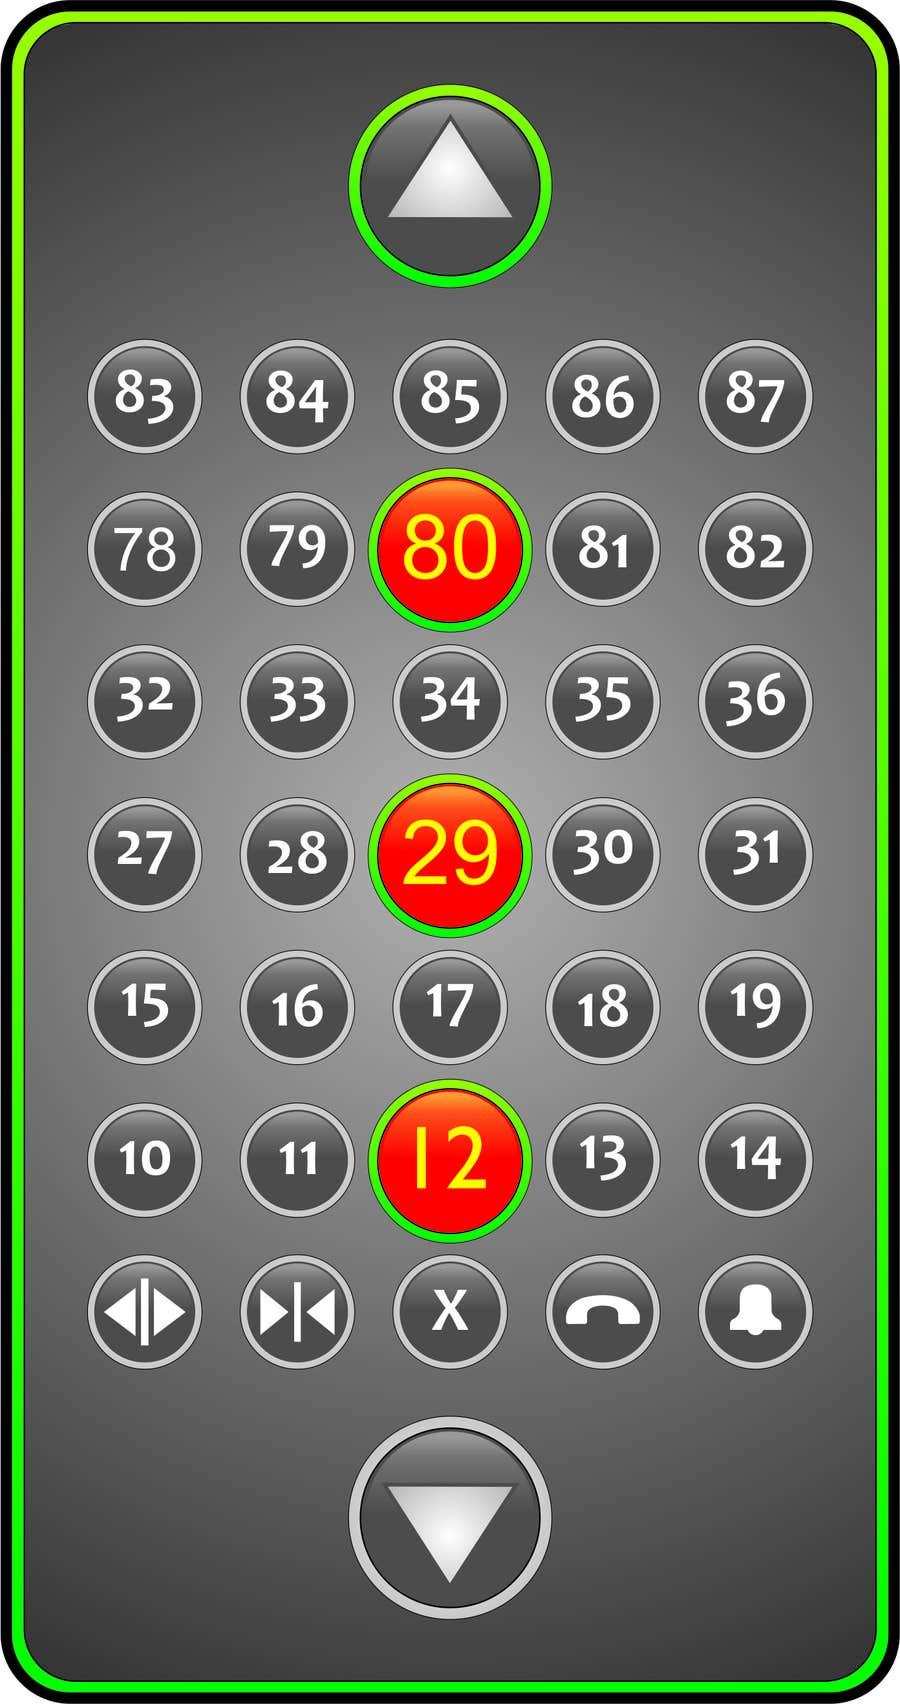 Penyertaan Peraduan #20 untuk Design a Logo for 12-29-80